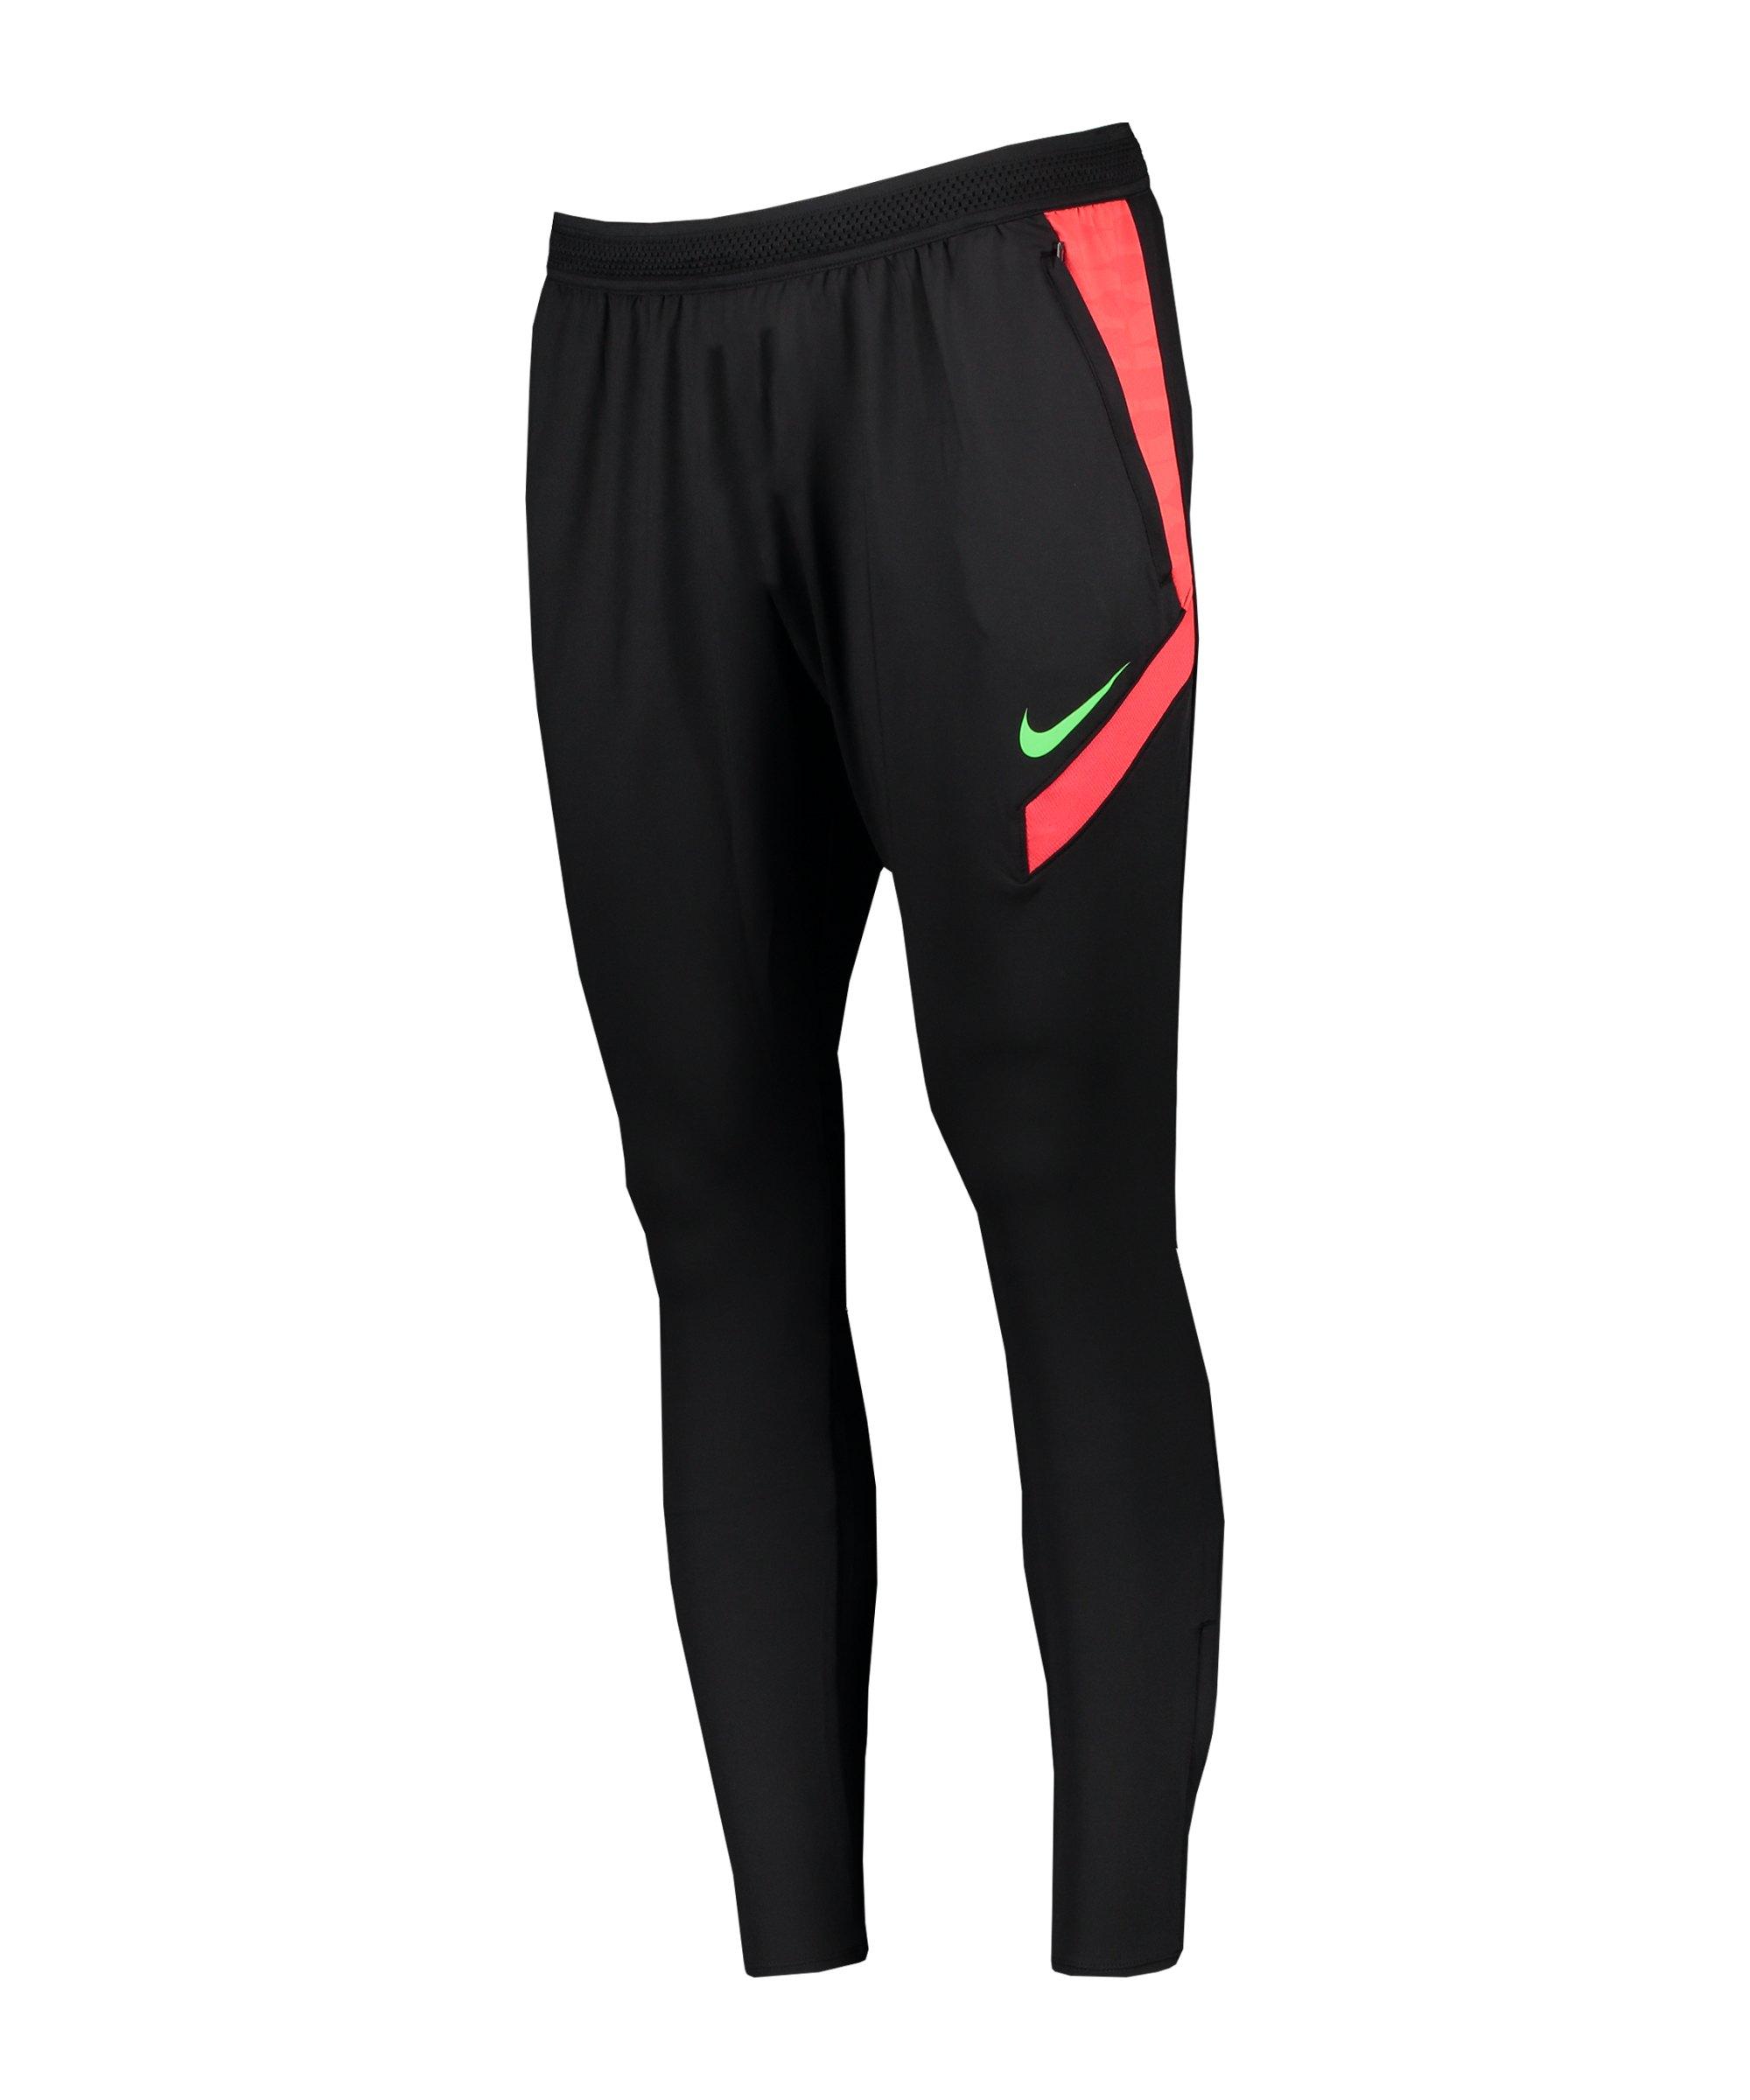 Nike Strike 21 Trainingshose Damen Schwarz F013 - schwarz